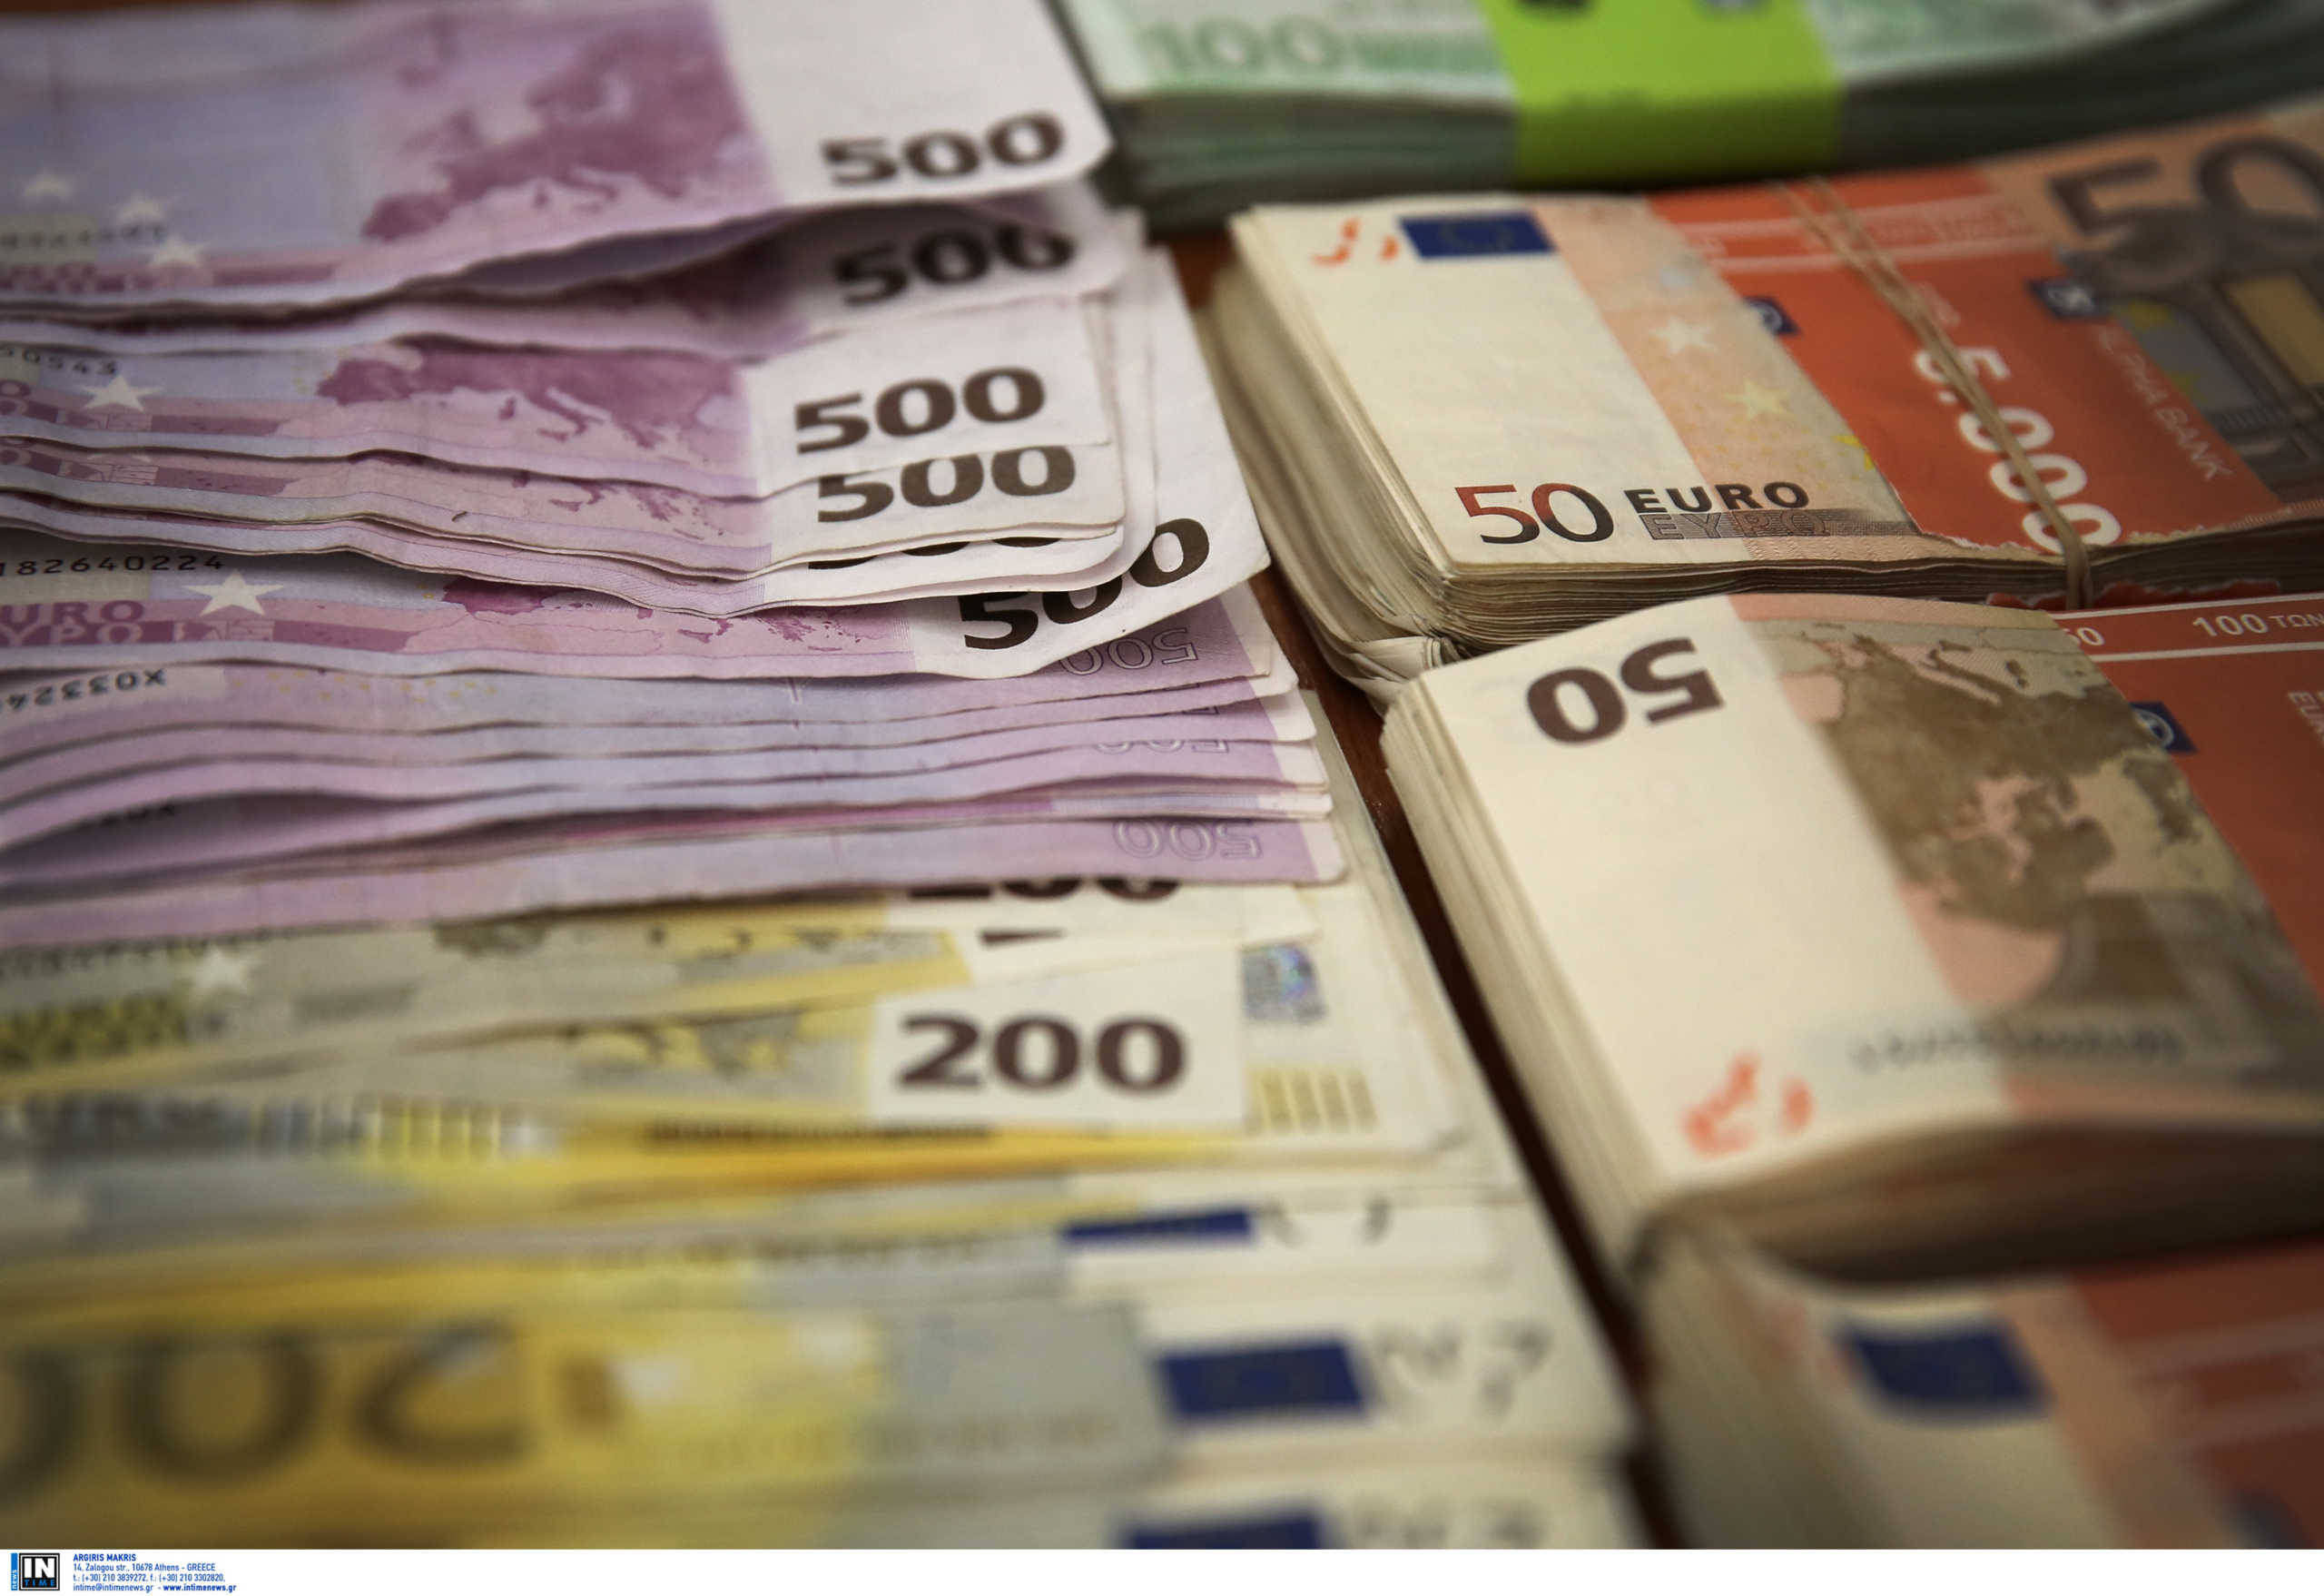 Ρέθυμνο: Αυτά είναι τα τρία έργα των 5.000.000 ευρώ που θα δώσουν νέα πνοή στην πόλη